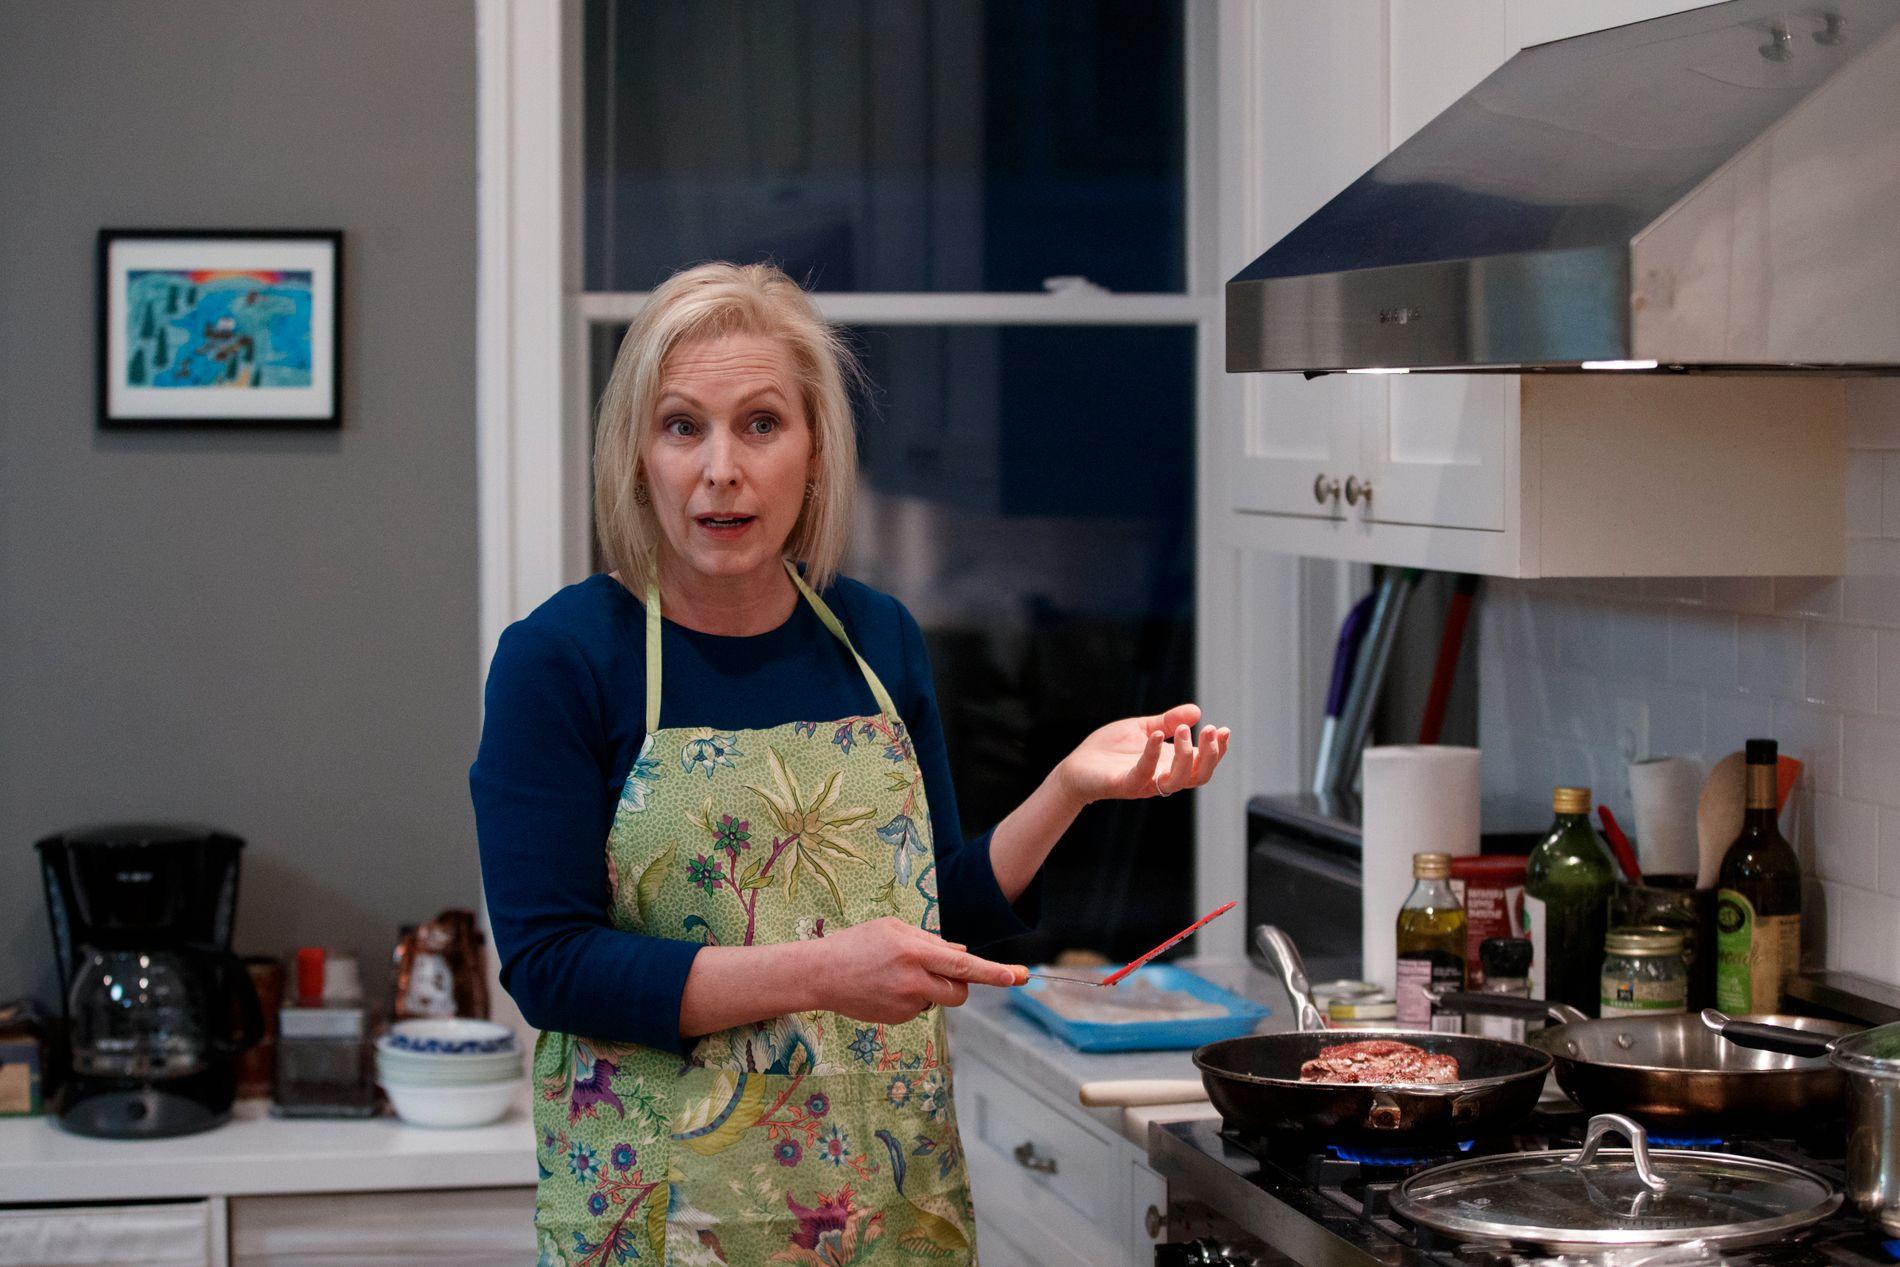 HJEMME: Nyhetsbyrået AP besøkte Kirsten Gillibrand i hennes hjem i Washington, D.C. i februar.